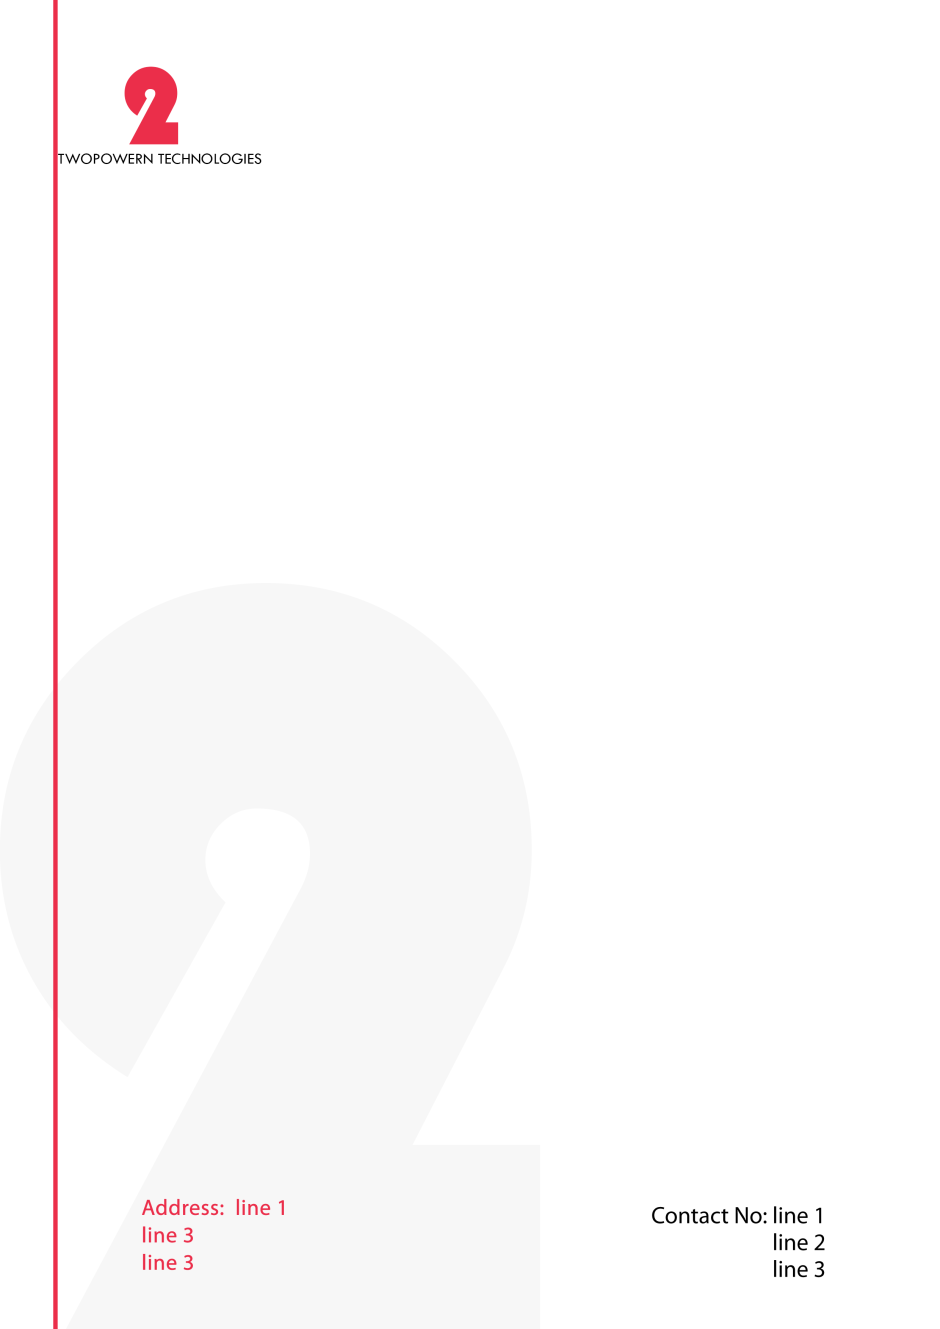 letterhead-a4-frontfinal